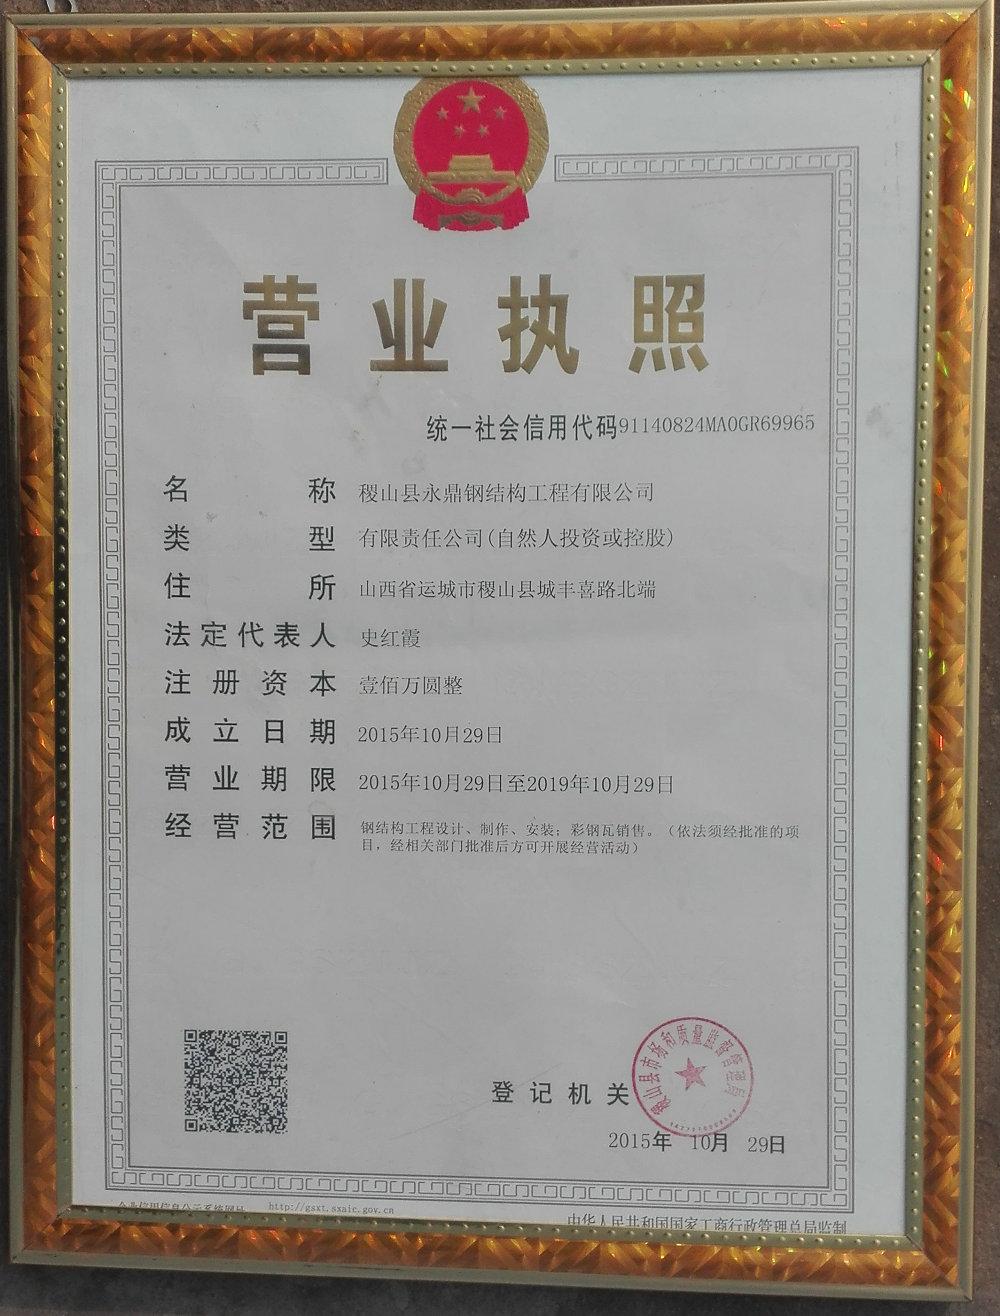 稷山县永鼎钢结构工程有限公司